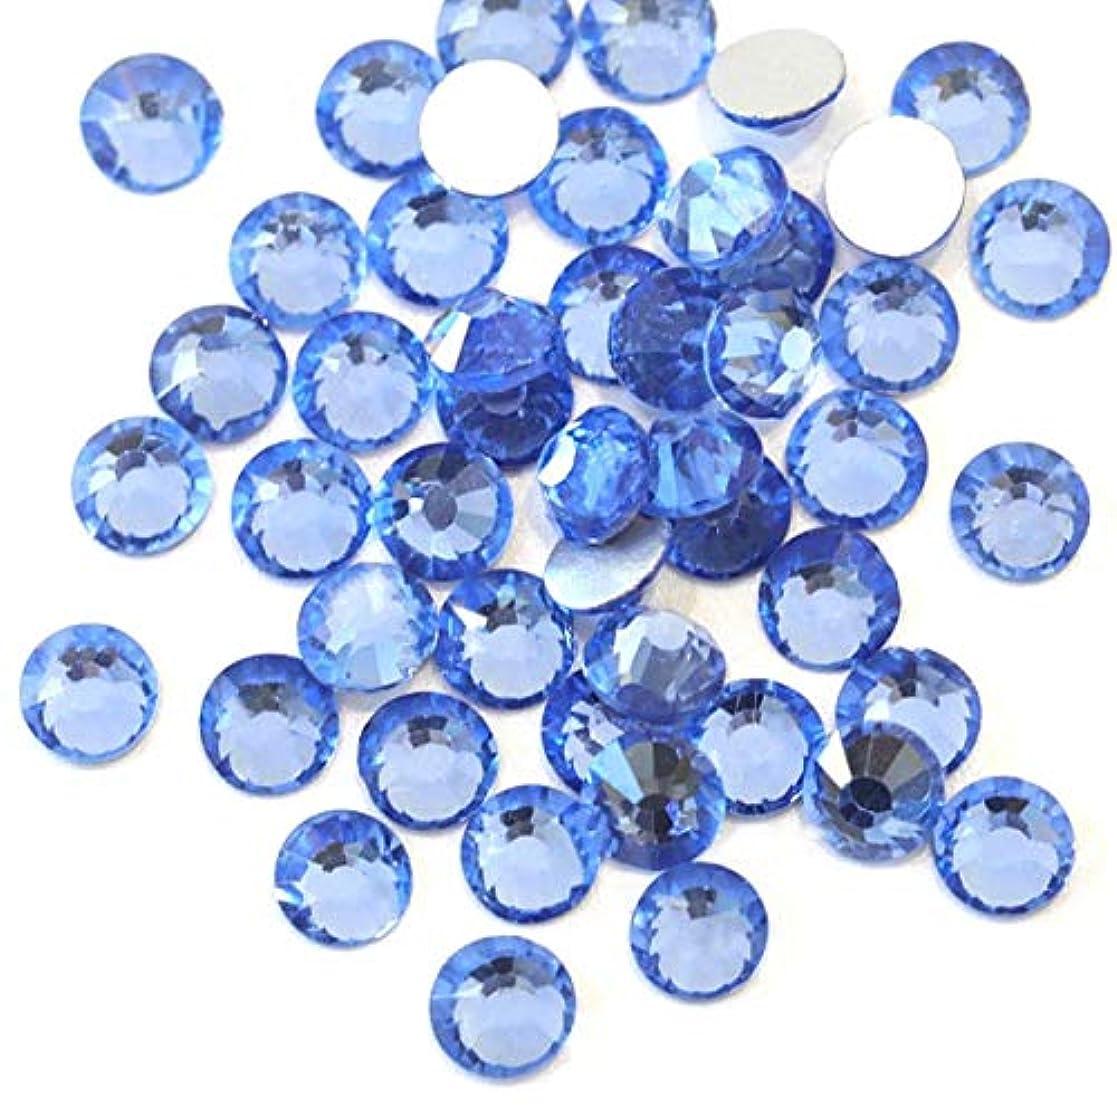 ドライブ部門引き渡す【ラインストーン77】高品質ガラス製ラインストーン ライトサファイア(1.3mm (SS3) 約200粒)